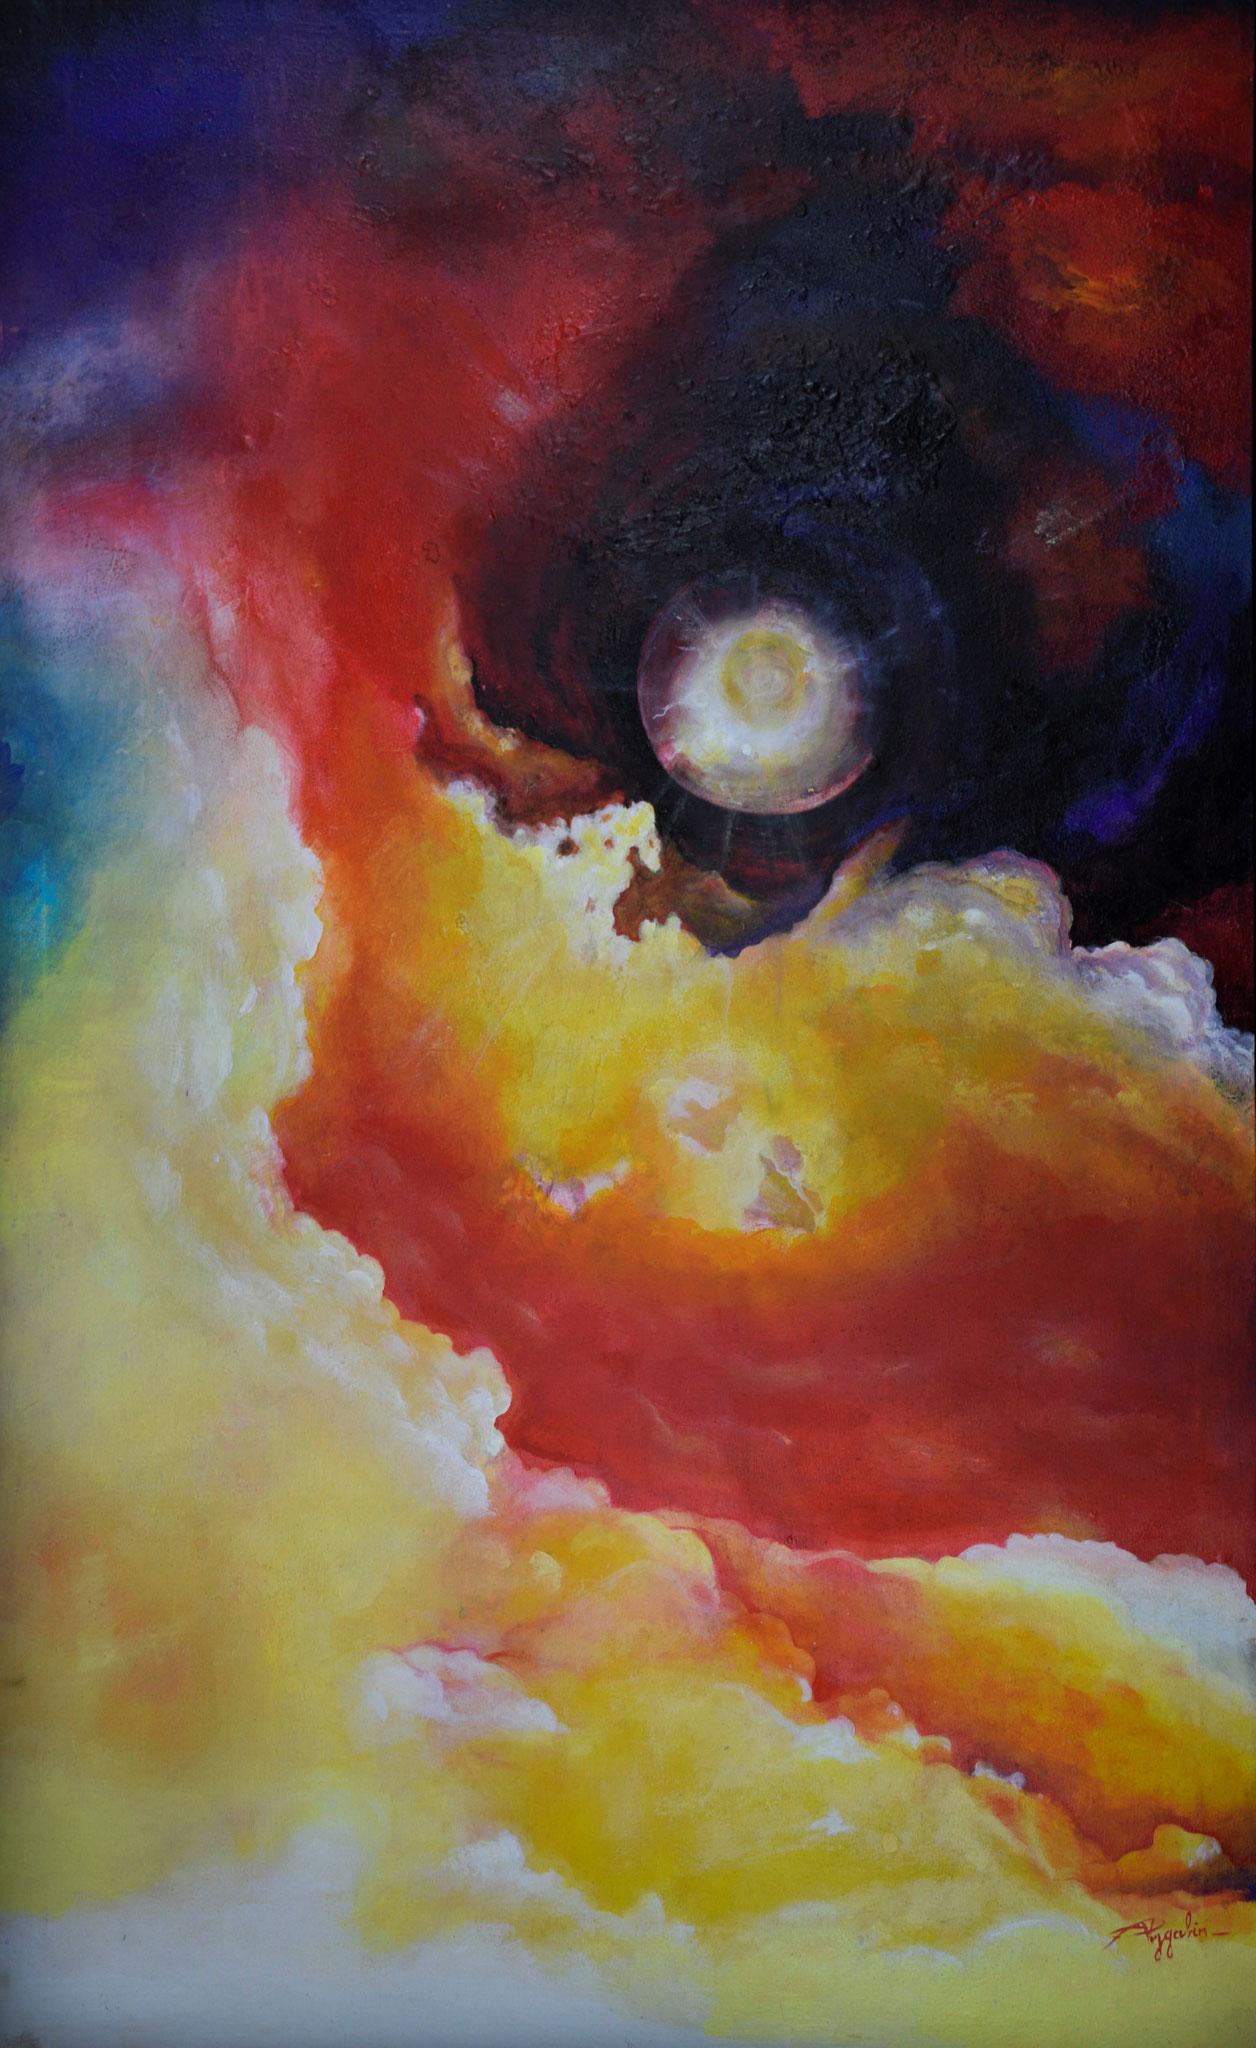 joie de vivre - Acrylique sur toile - 100x162 cm